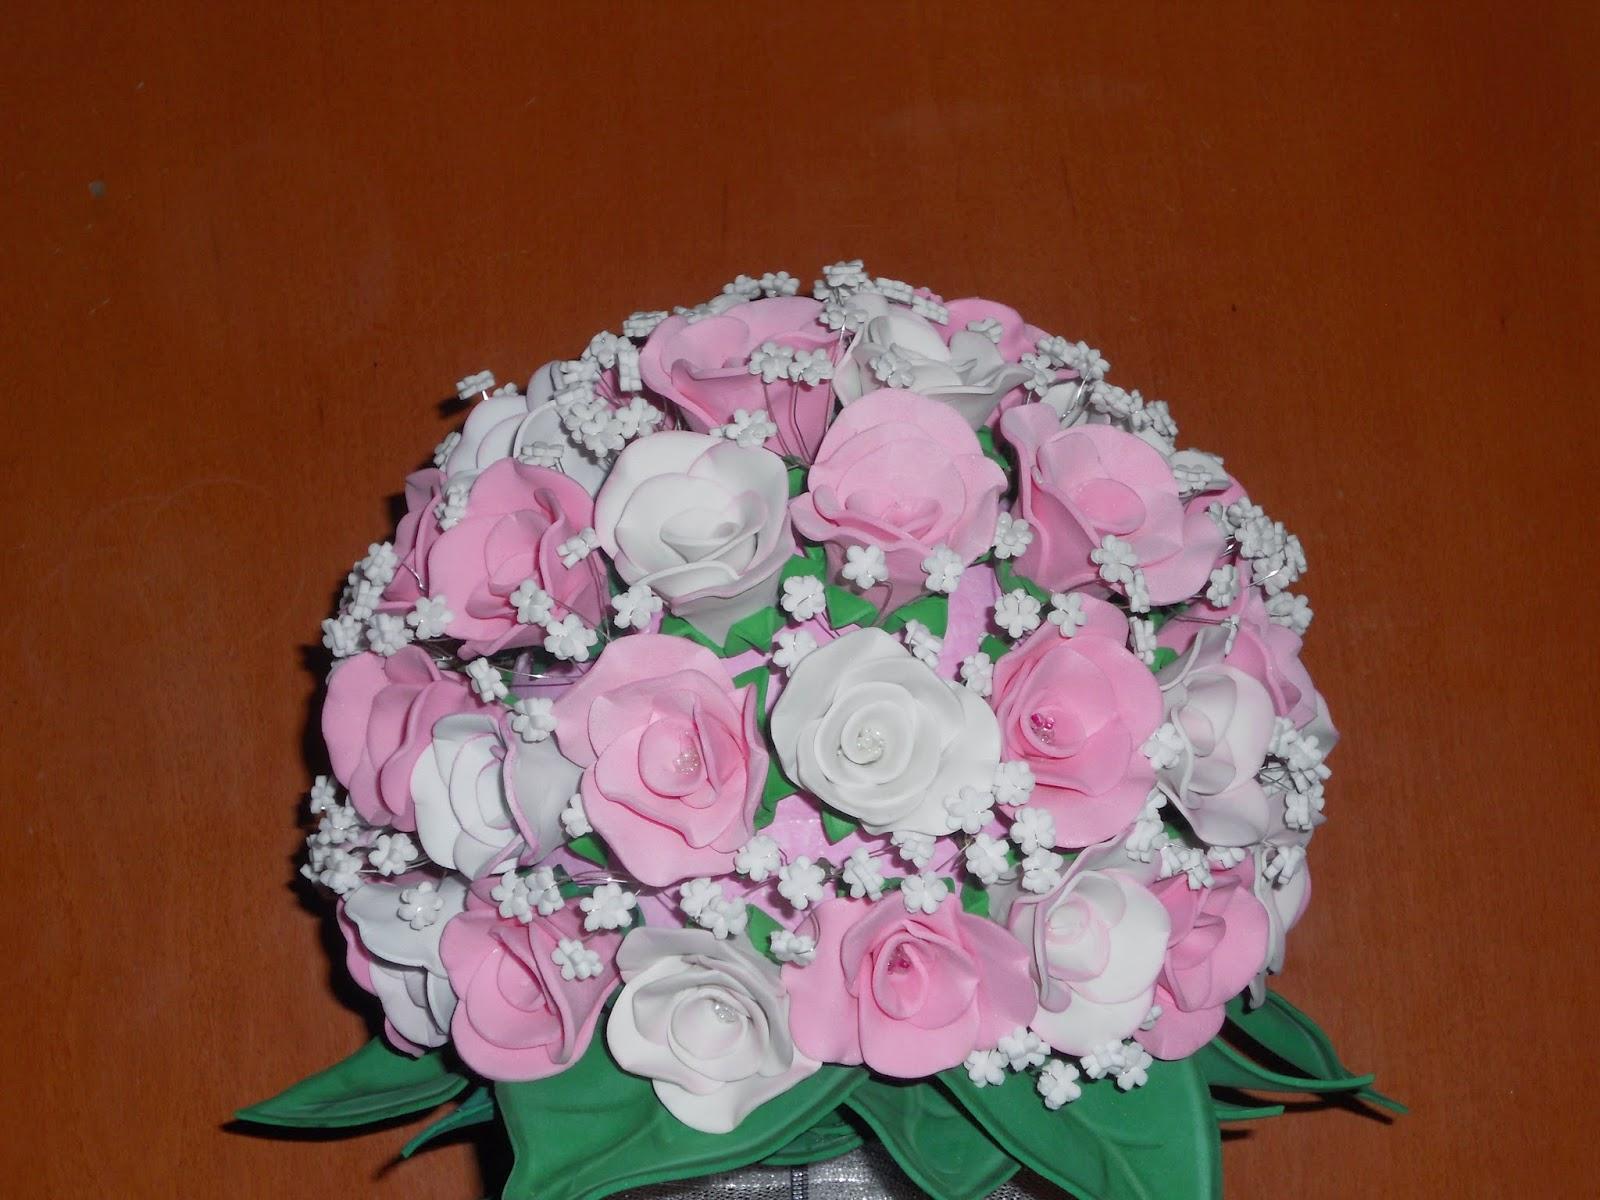 d0fbd820cd1 El Rincón de la Decoración  Ramo de flores en goma eva